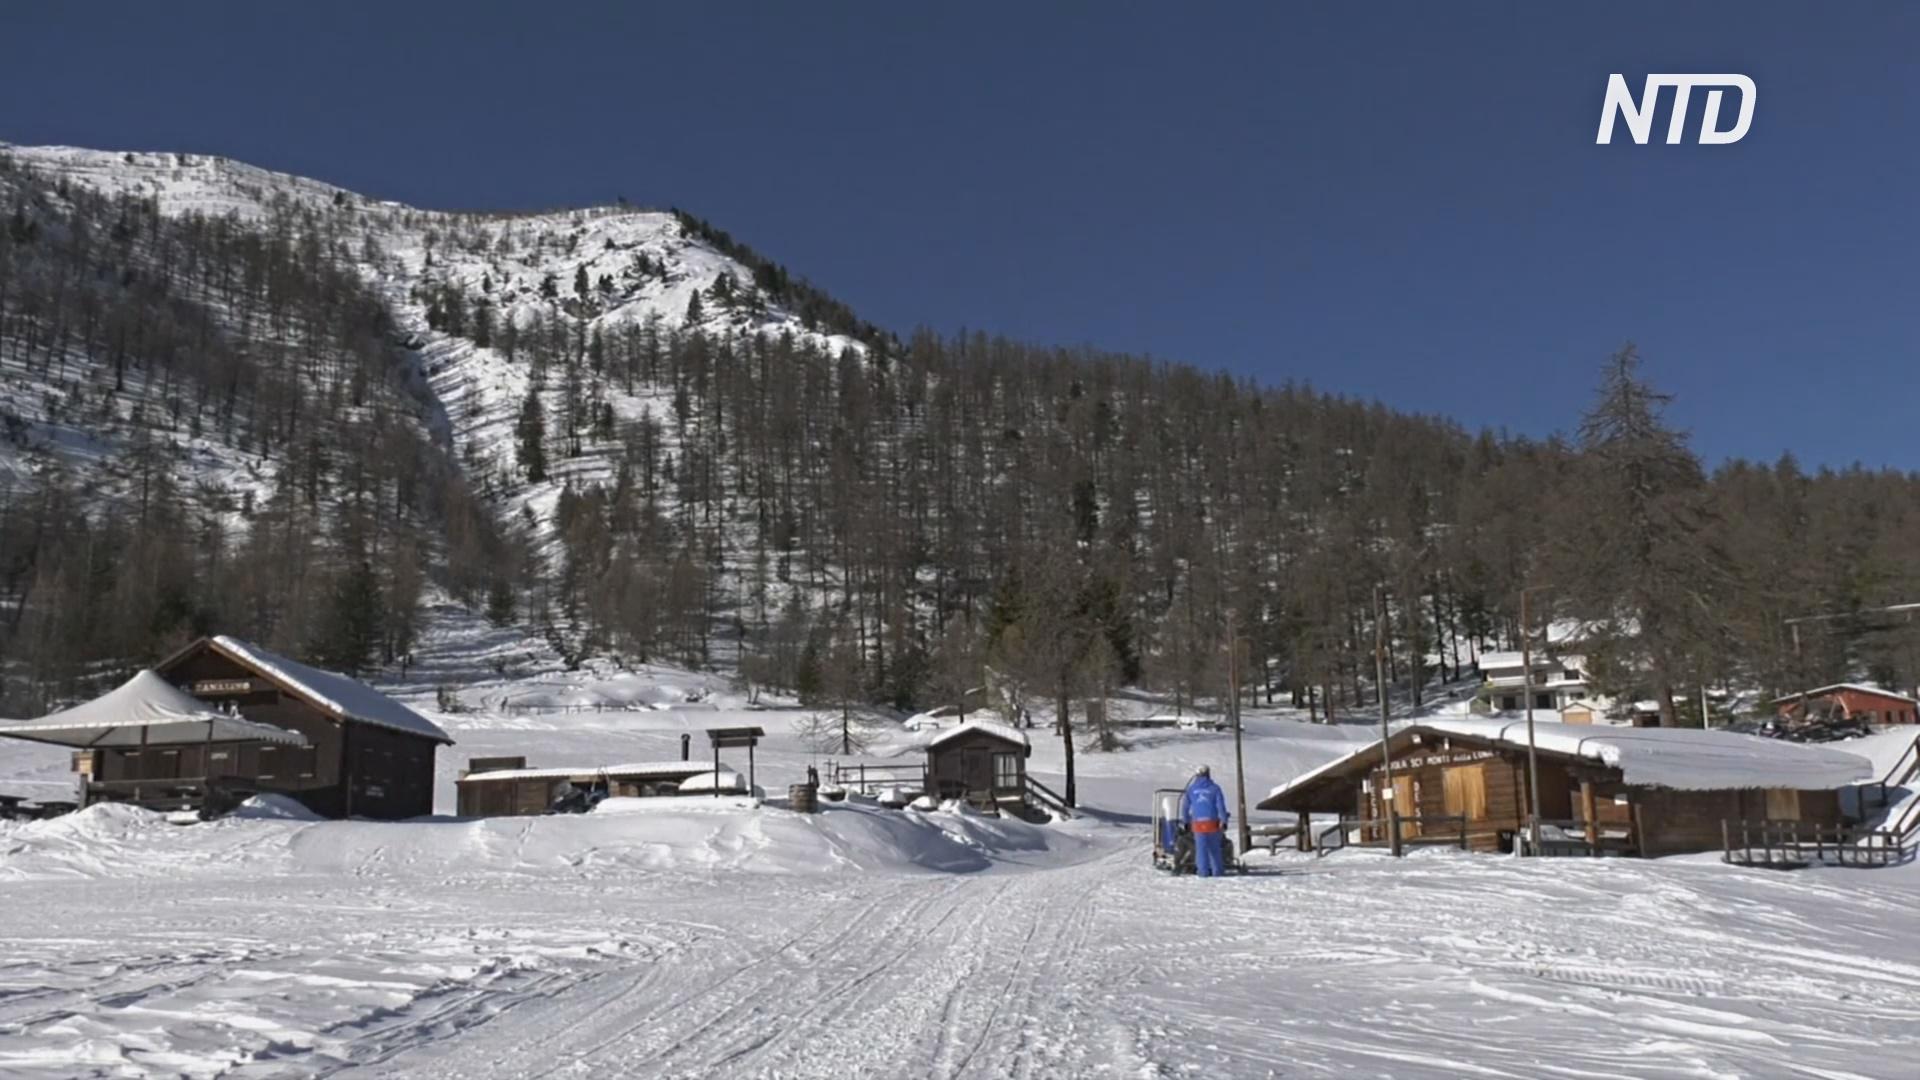 Горнолыжные курорты Италии закрыты, а люди несут большие убытки